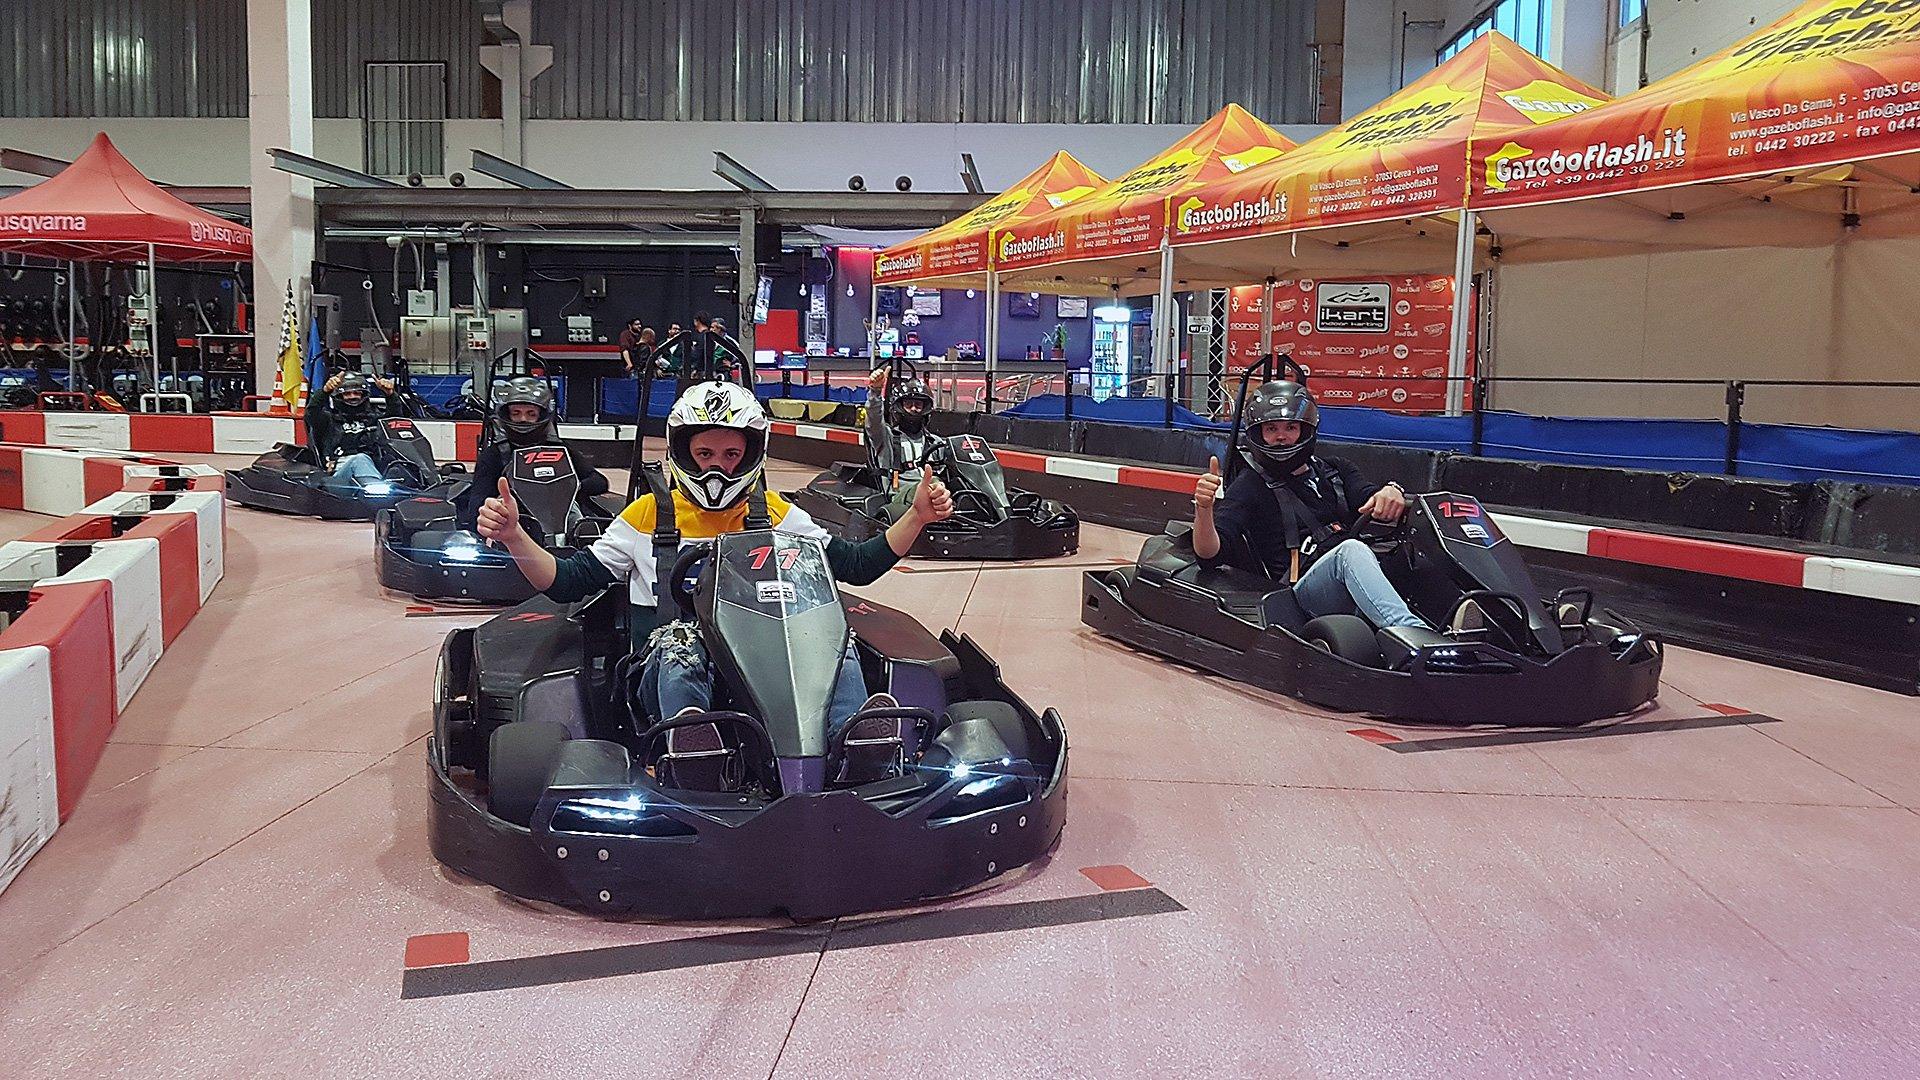 Ikart è la pista go kart indoor a Riccione